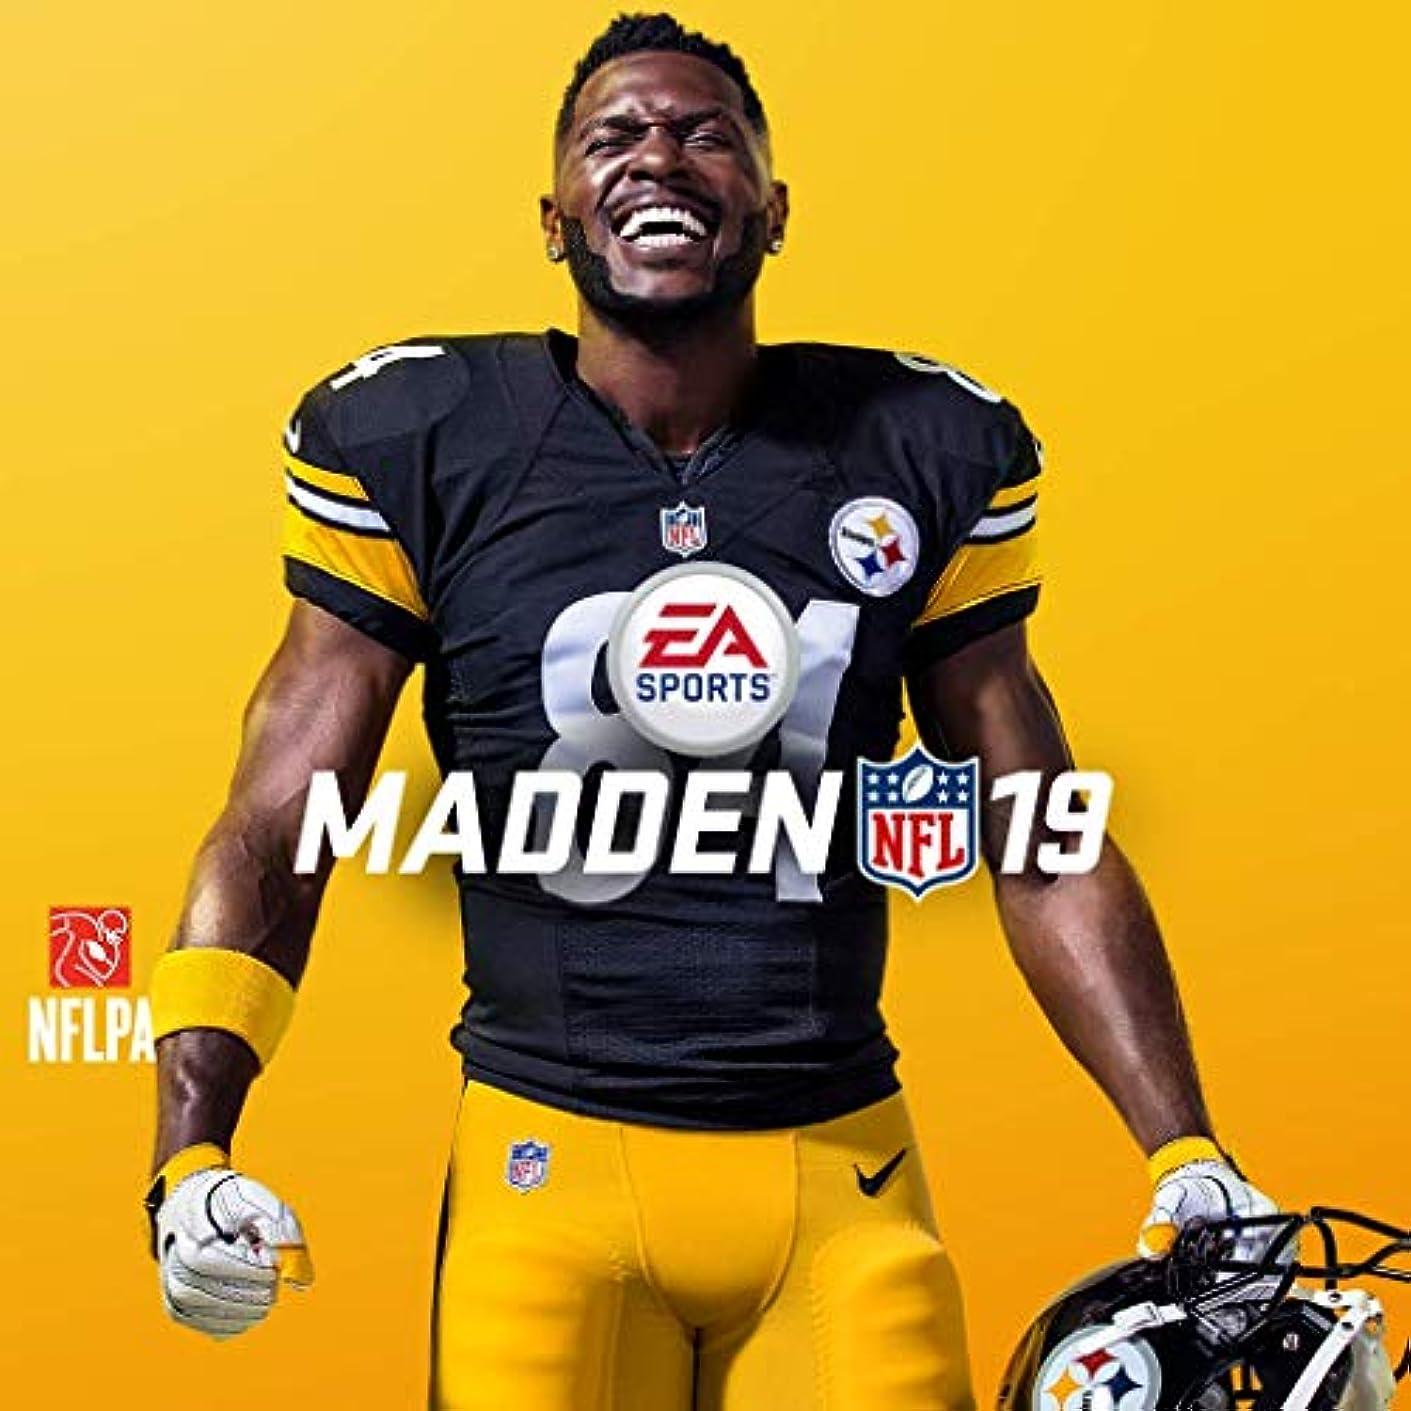 幸運申請中飛行場Madden NFL 19(英語版)|オンラインコード版